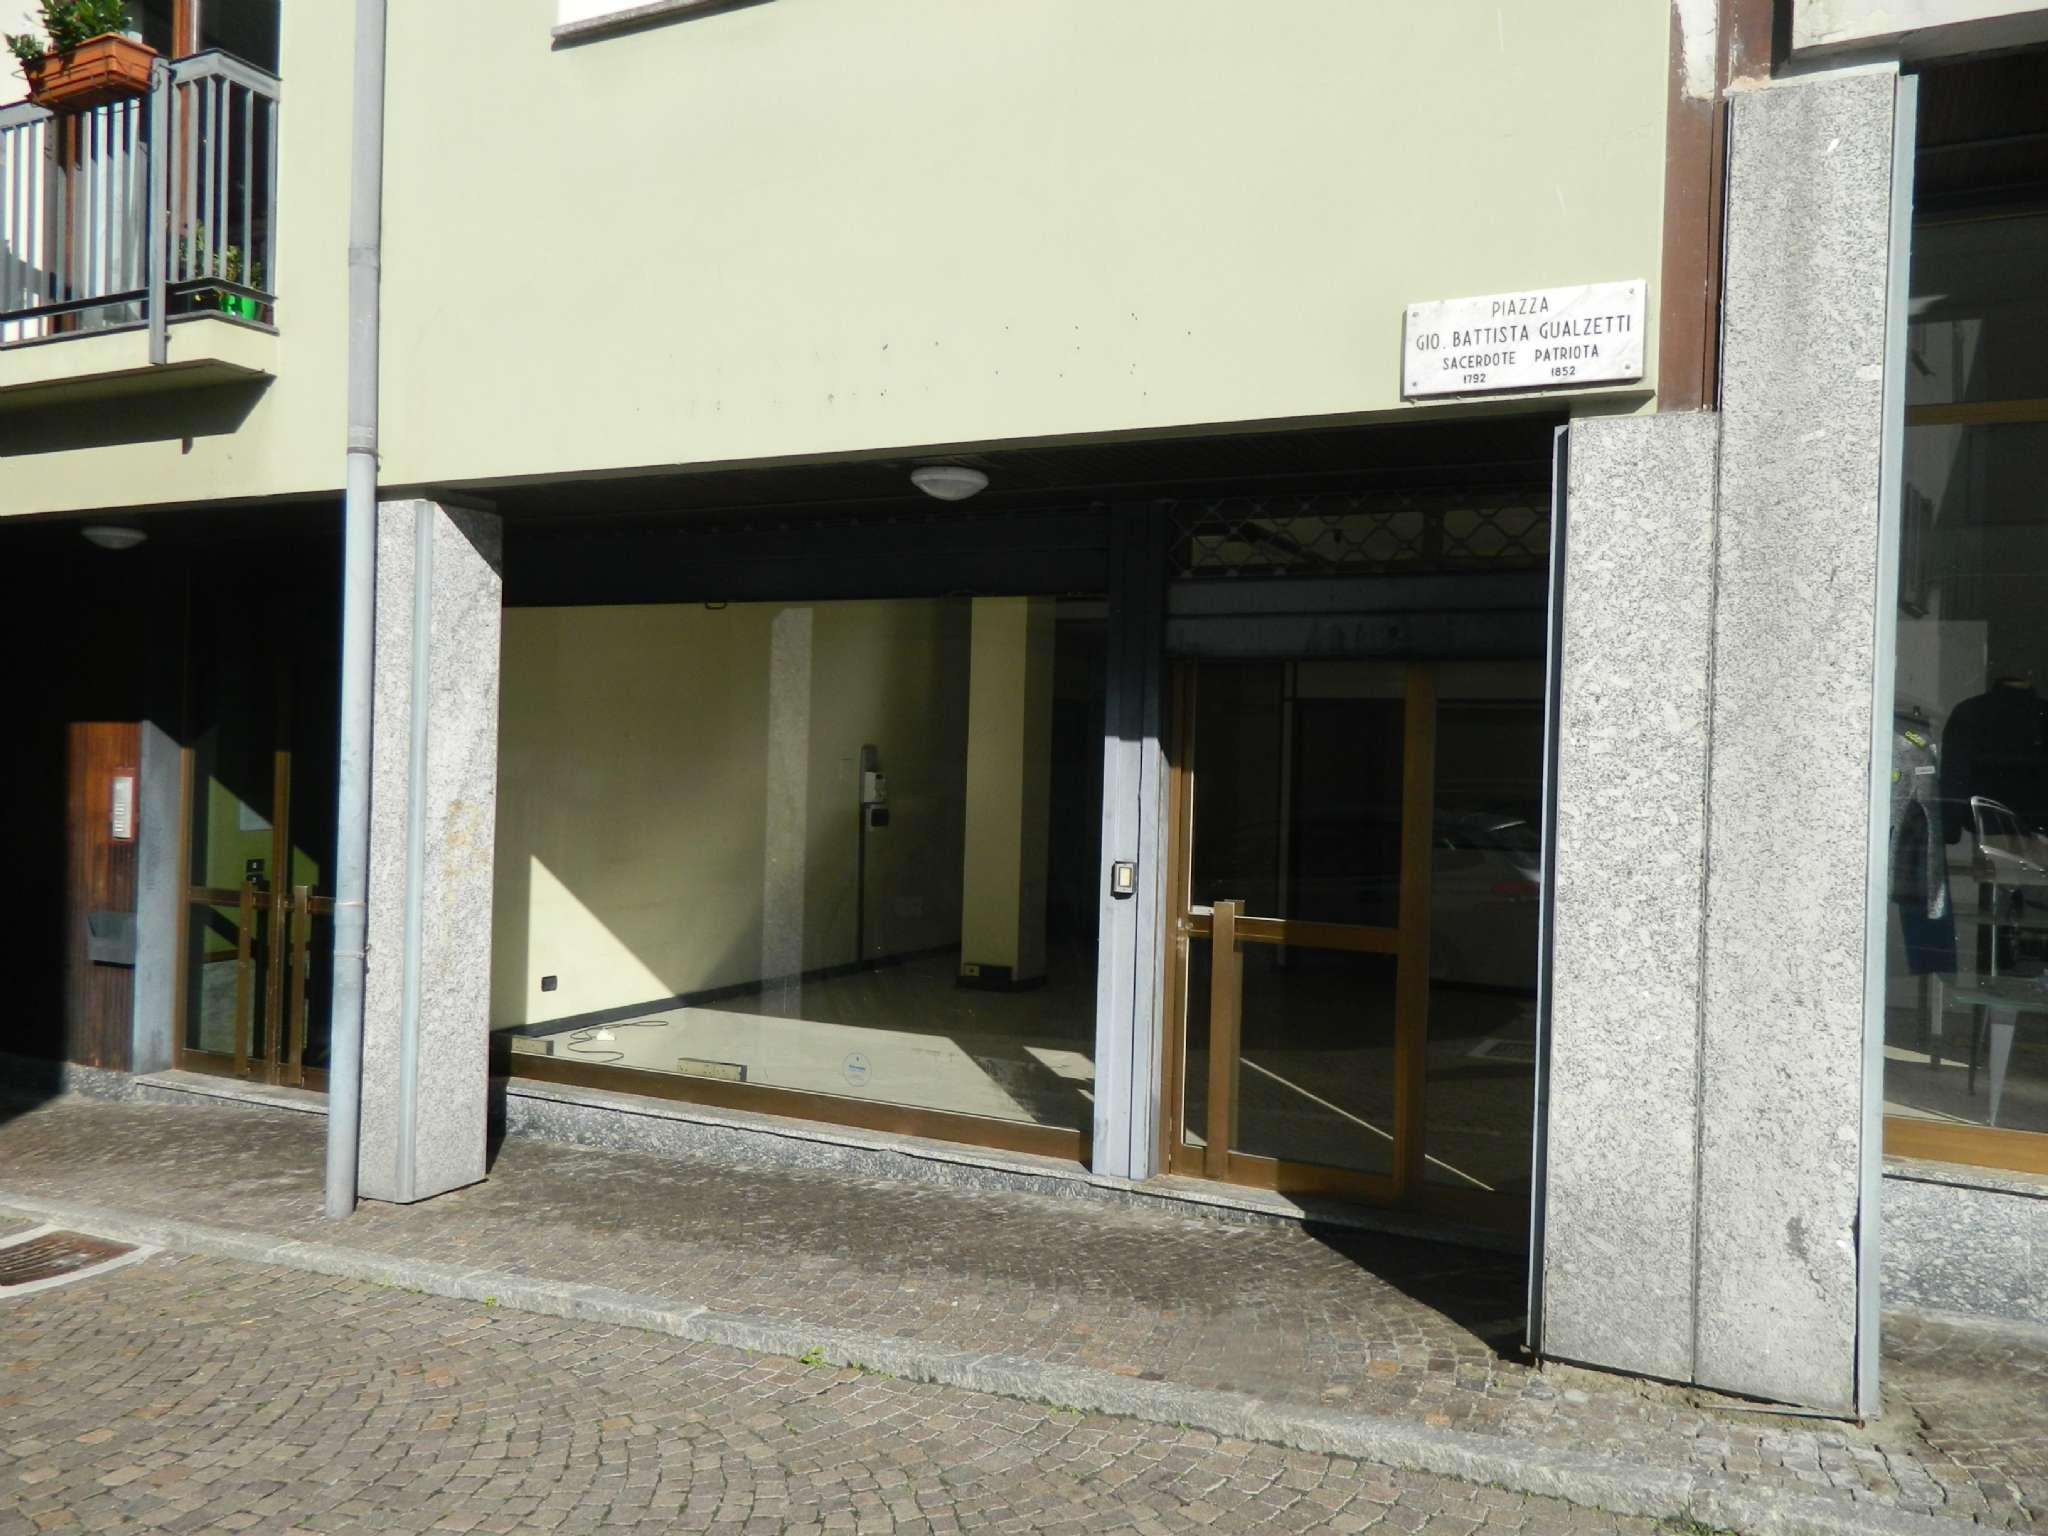 Negozio / Locale in vendita a Sondrio, 1 locali, prezzo € 133.000 | CambioCasa.it